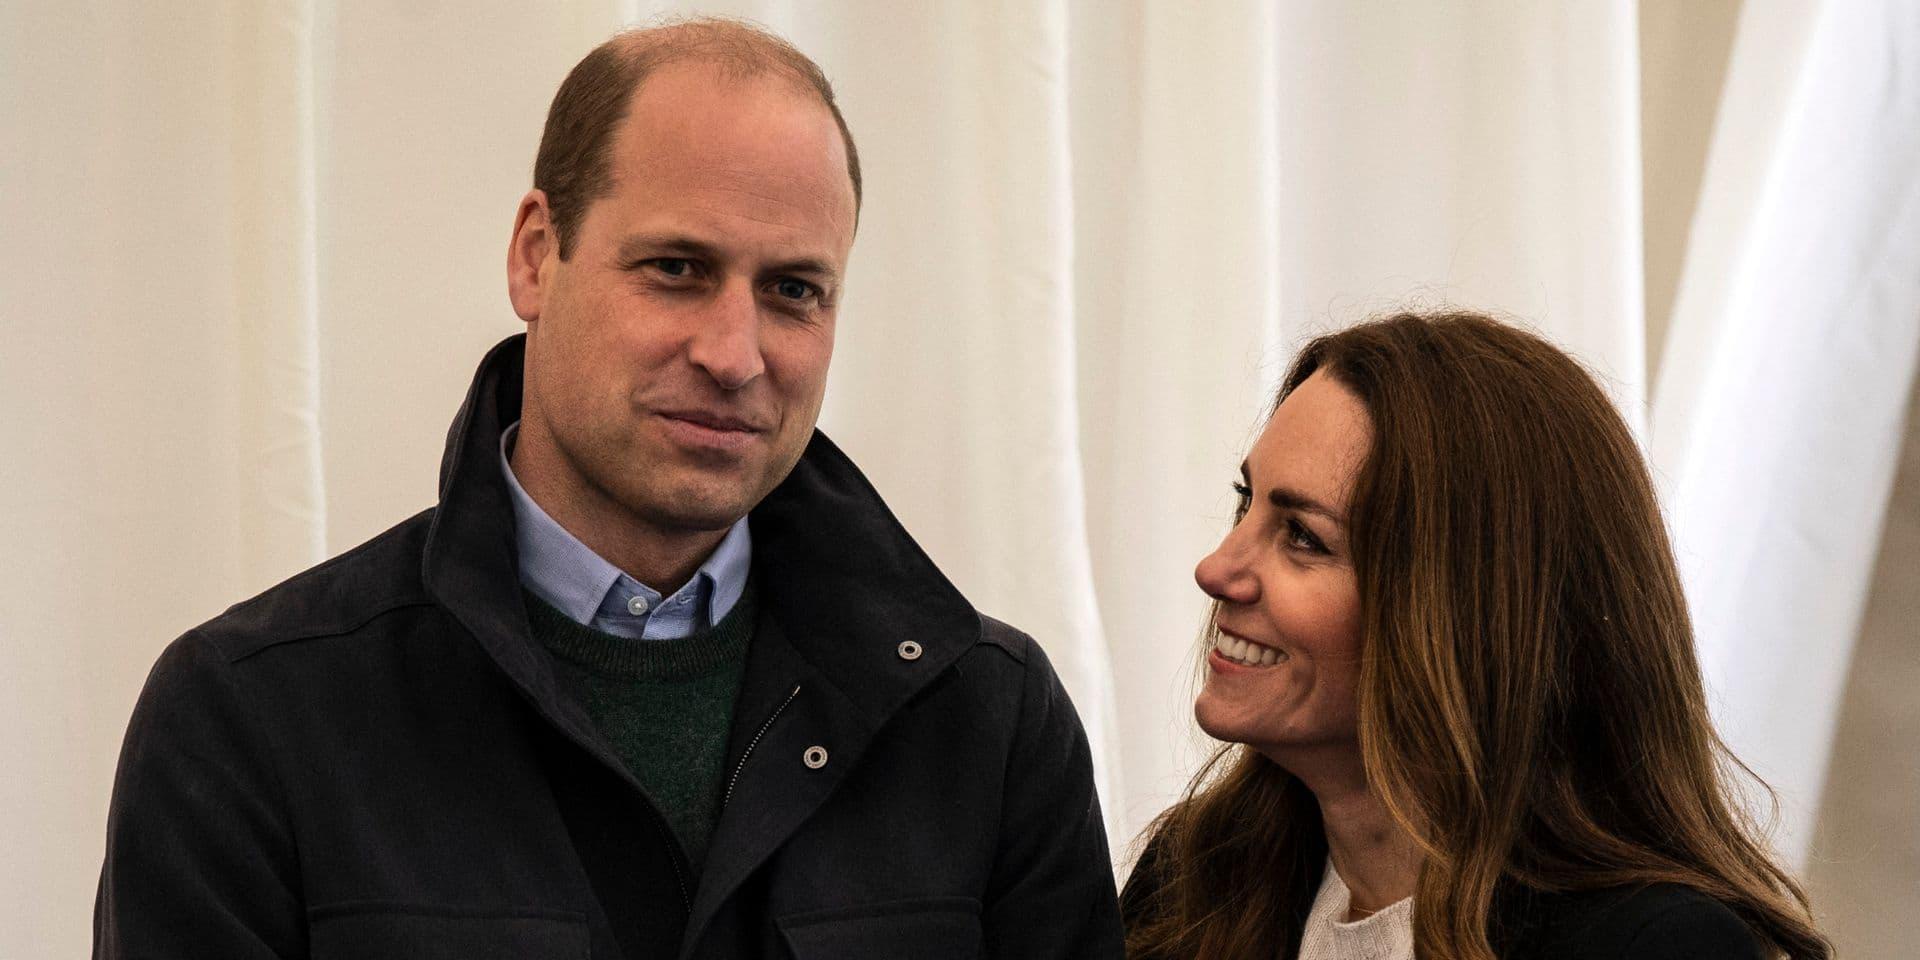 20 ans après, Kate Middleton et le prince William retournent là où tout a commencé pour eux